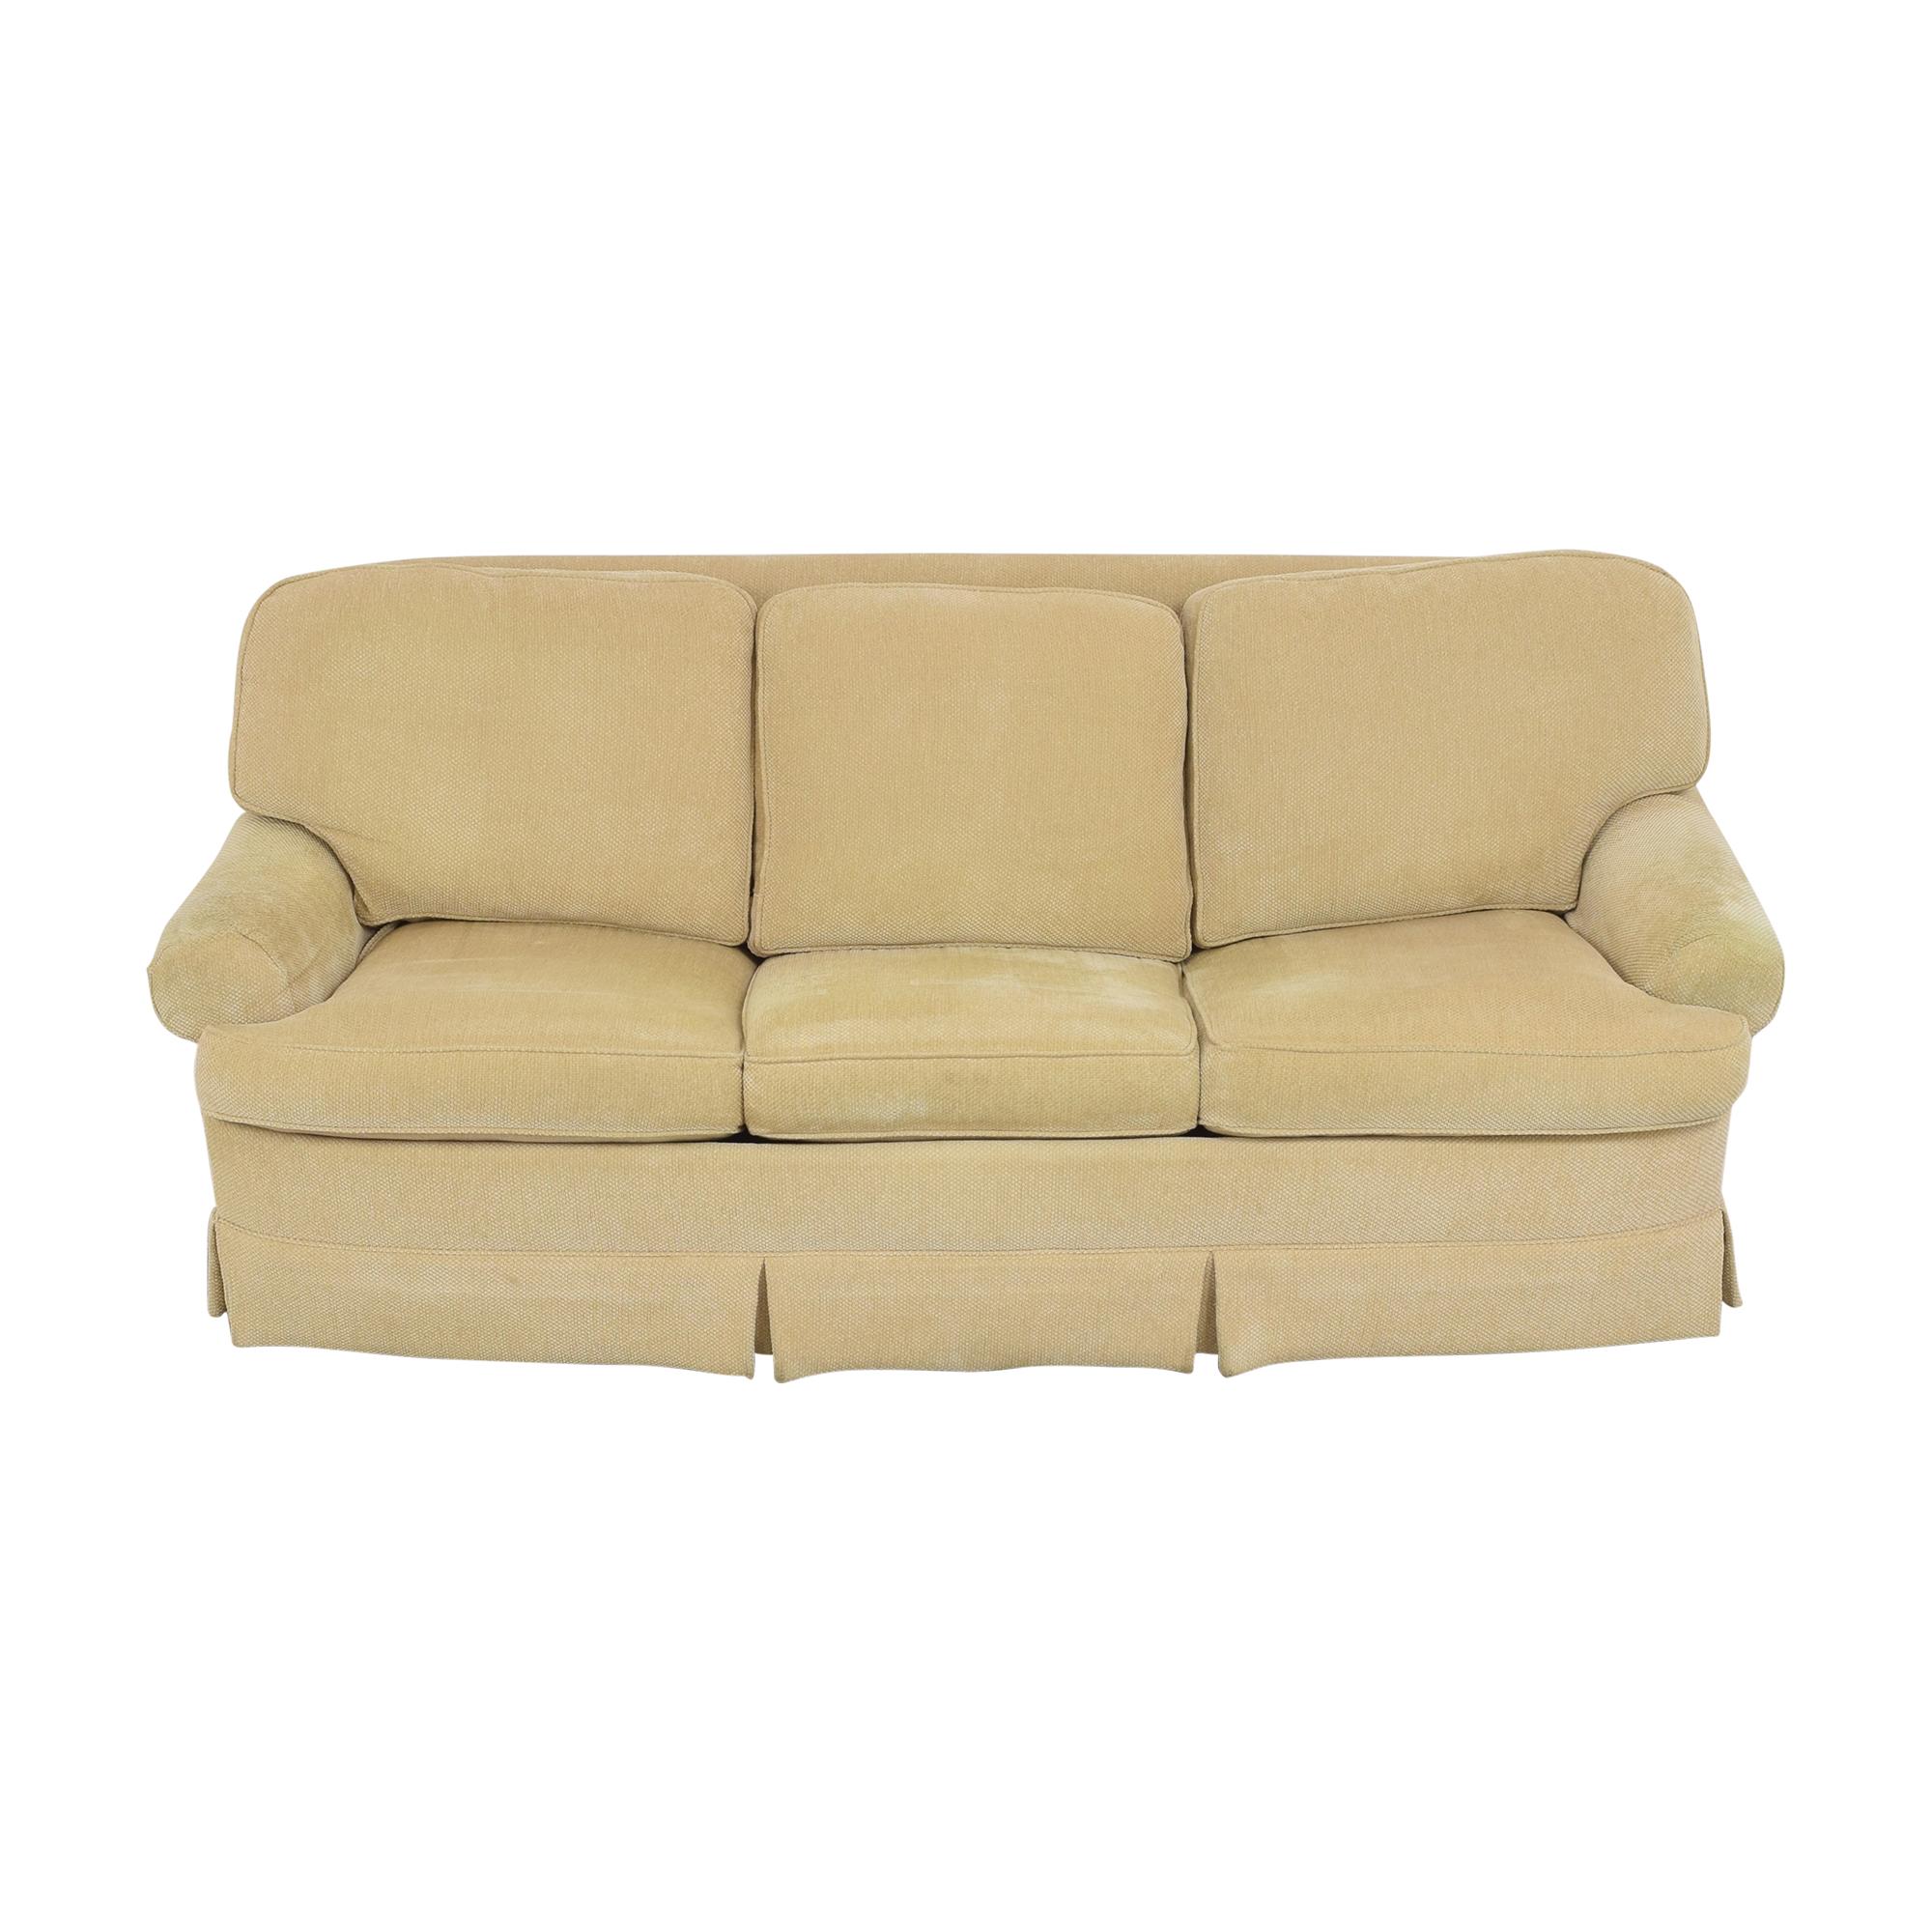 buy Ralph Lauren Home Ralph Lauren Roll Arm Sleeper Sofa online